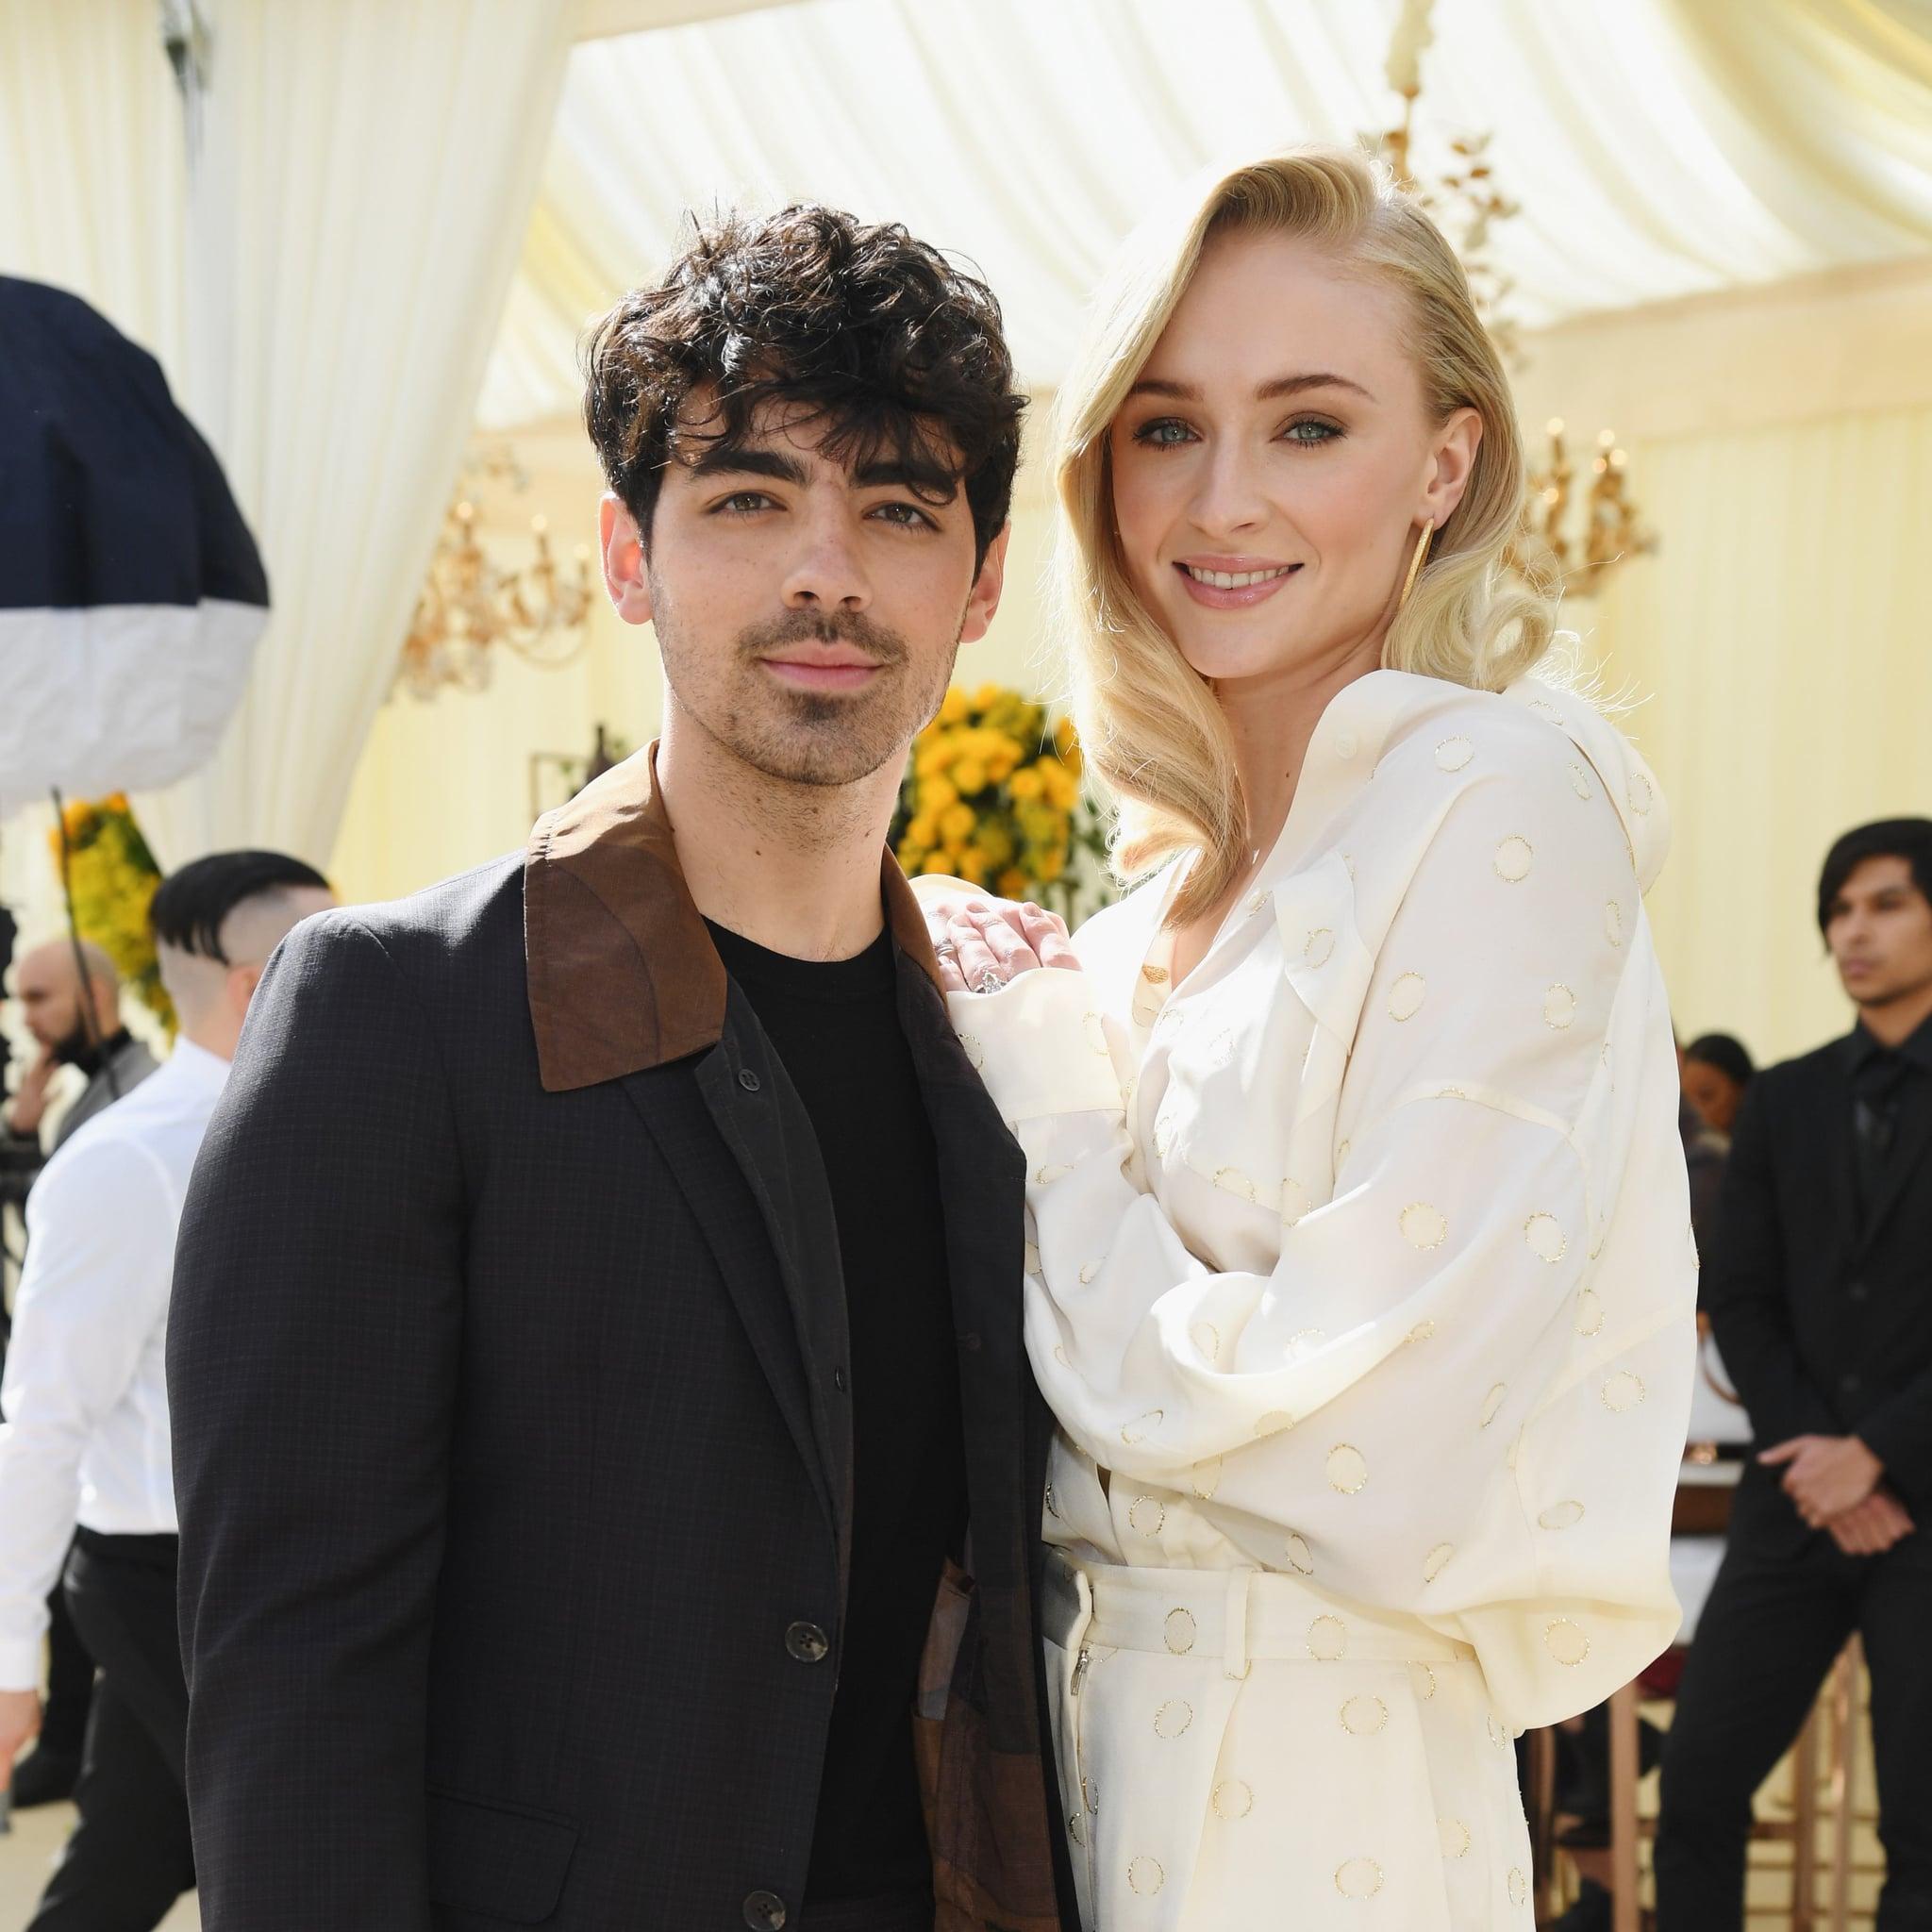 Sophie Turner and Joe Jonas's Wedding Details | POPSUGAR Celebrity